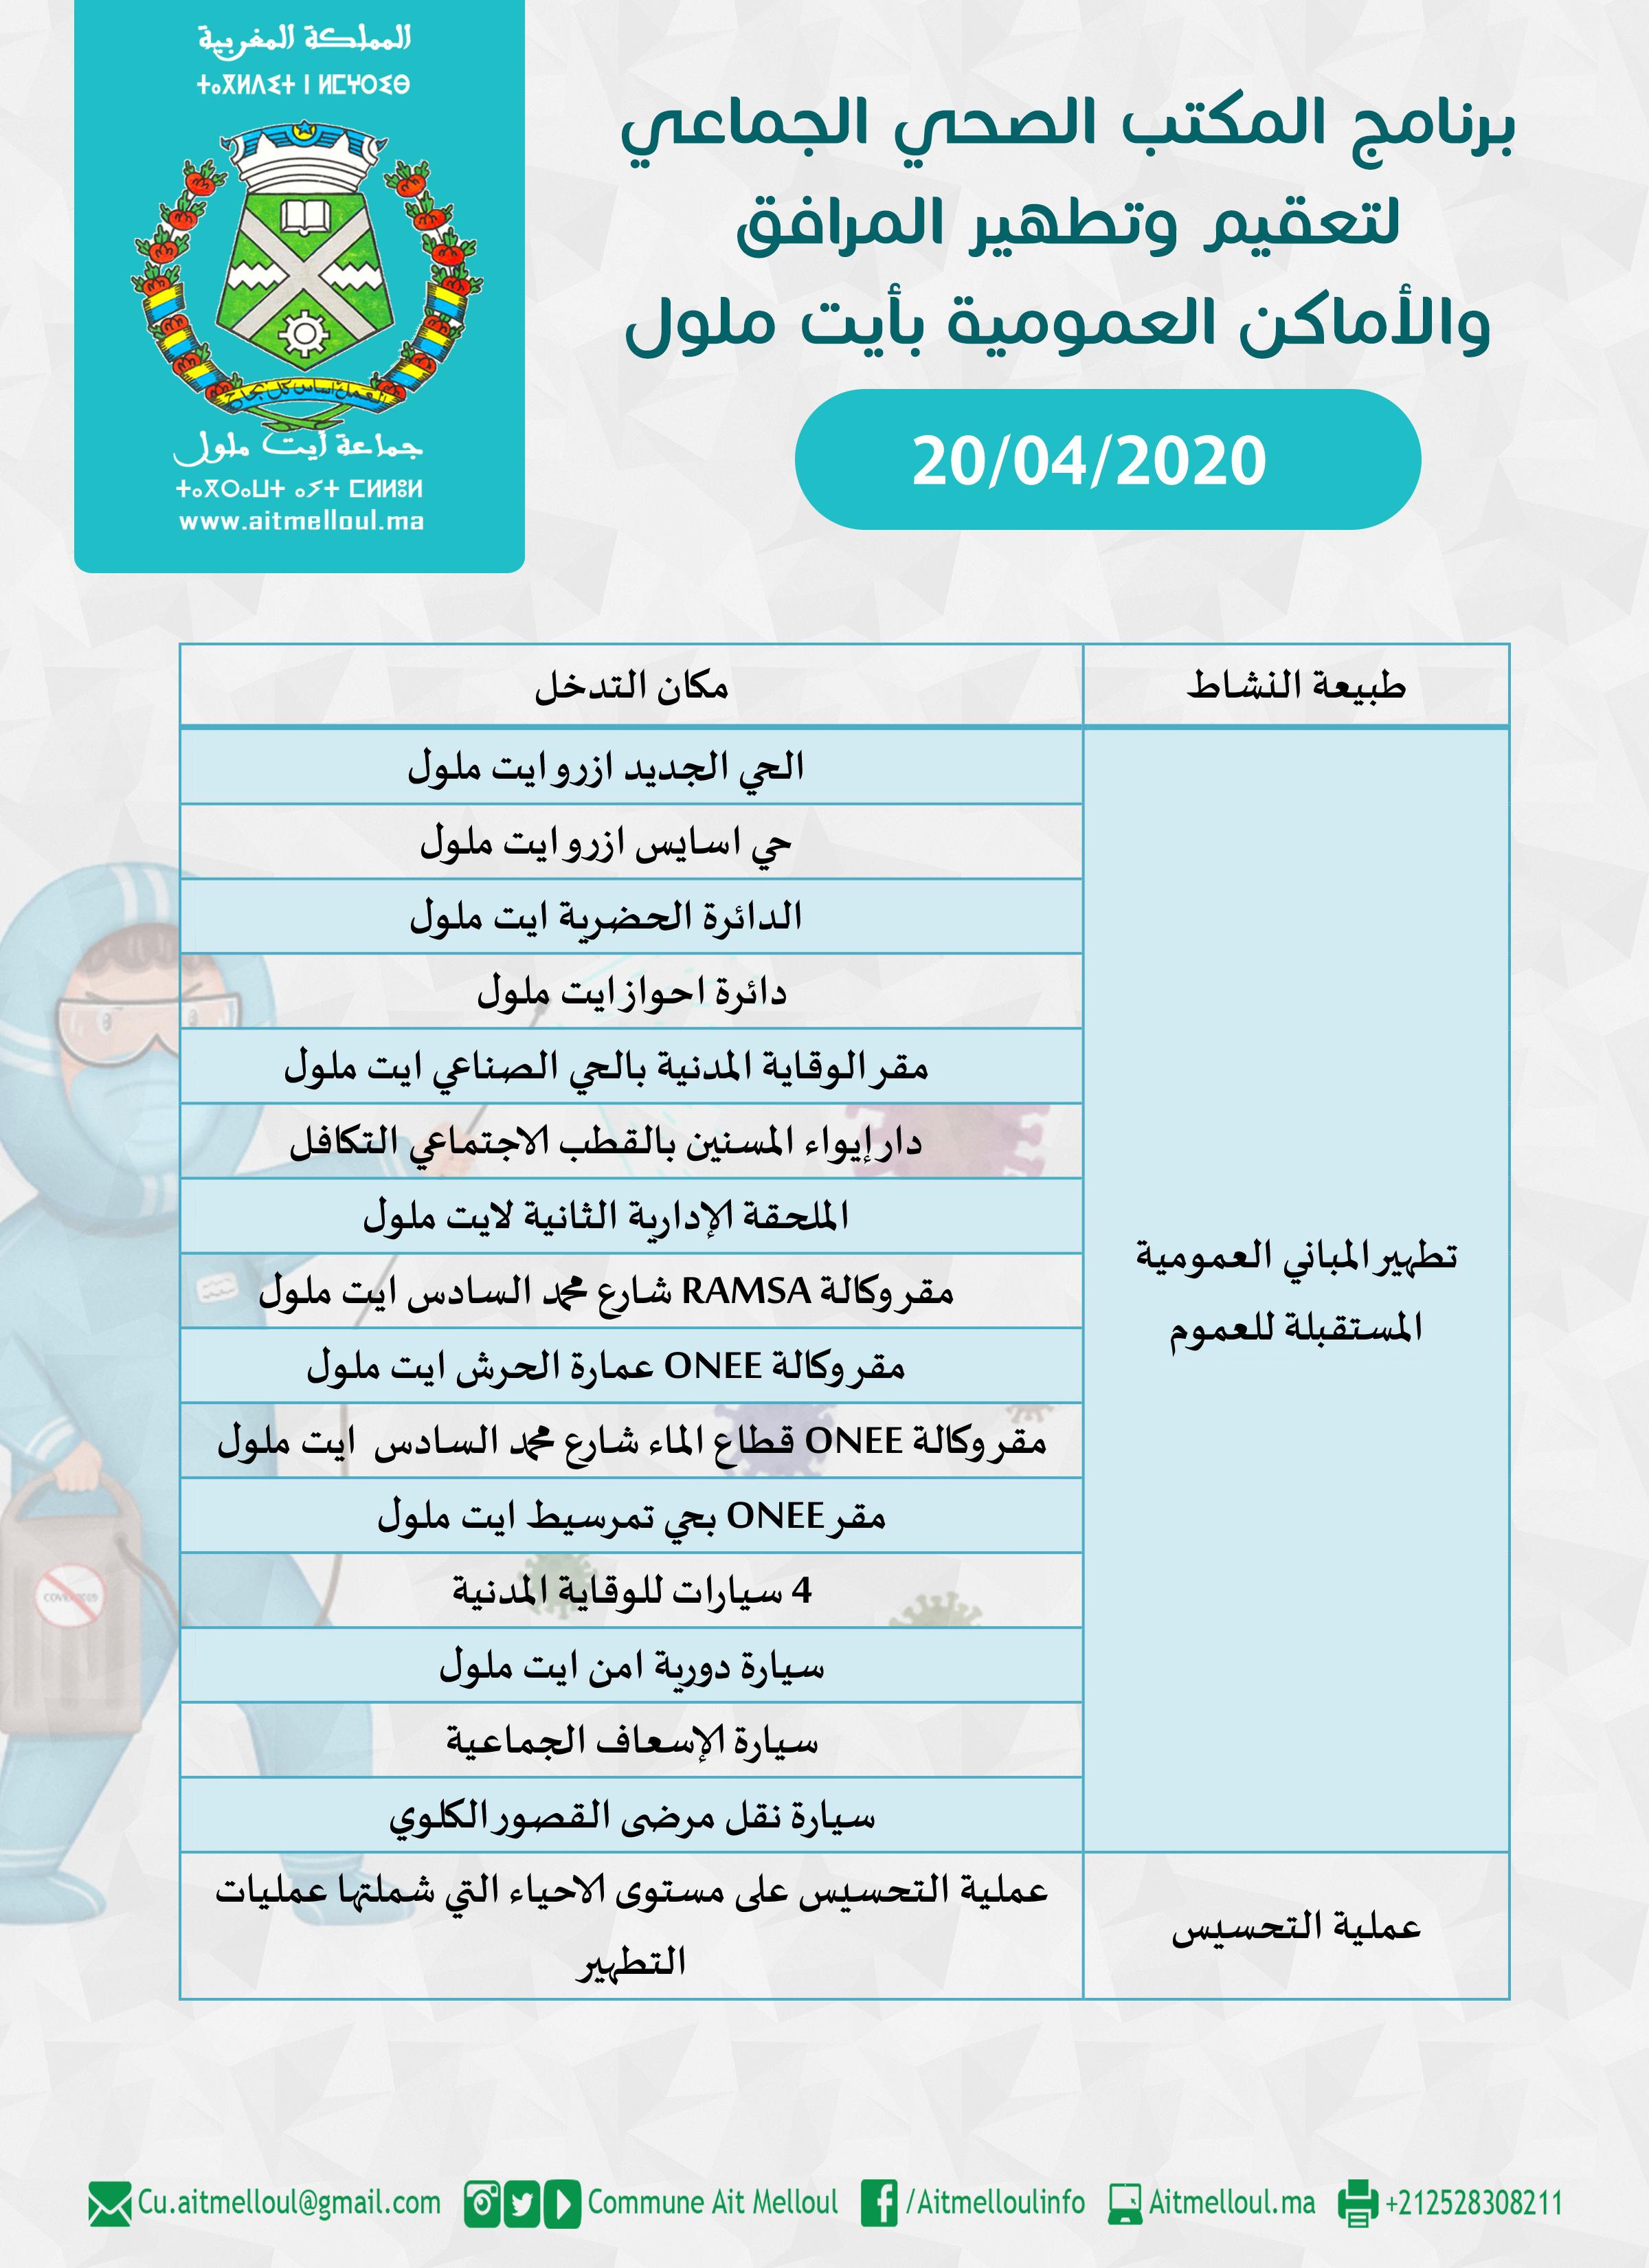 برامج تطهير المرافق و الشوارع العمومية بأيت ملول من 20 إلى 26 أبريل 2020